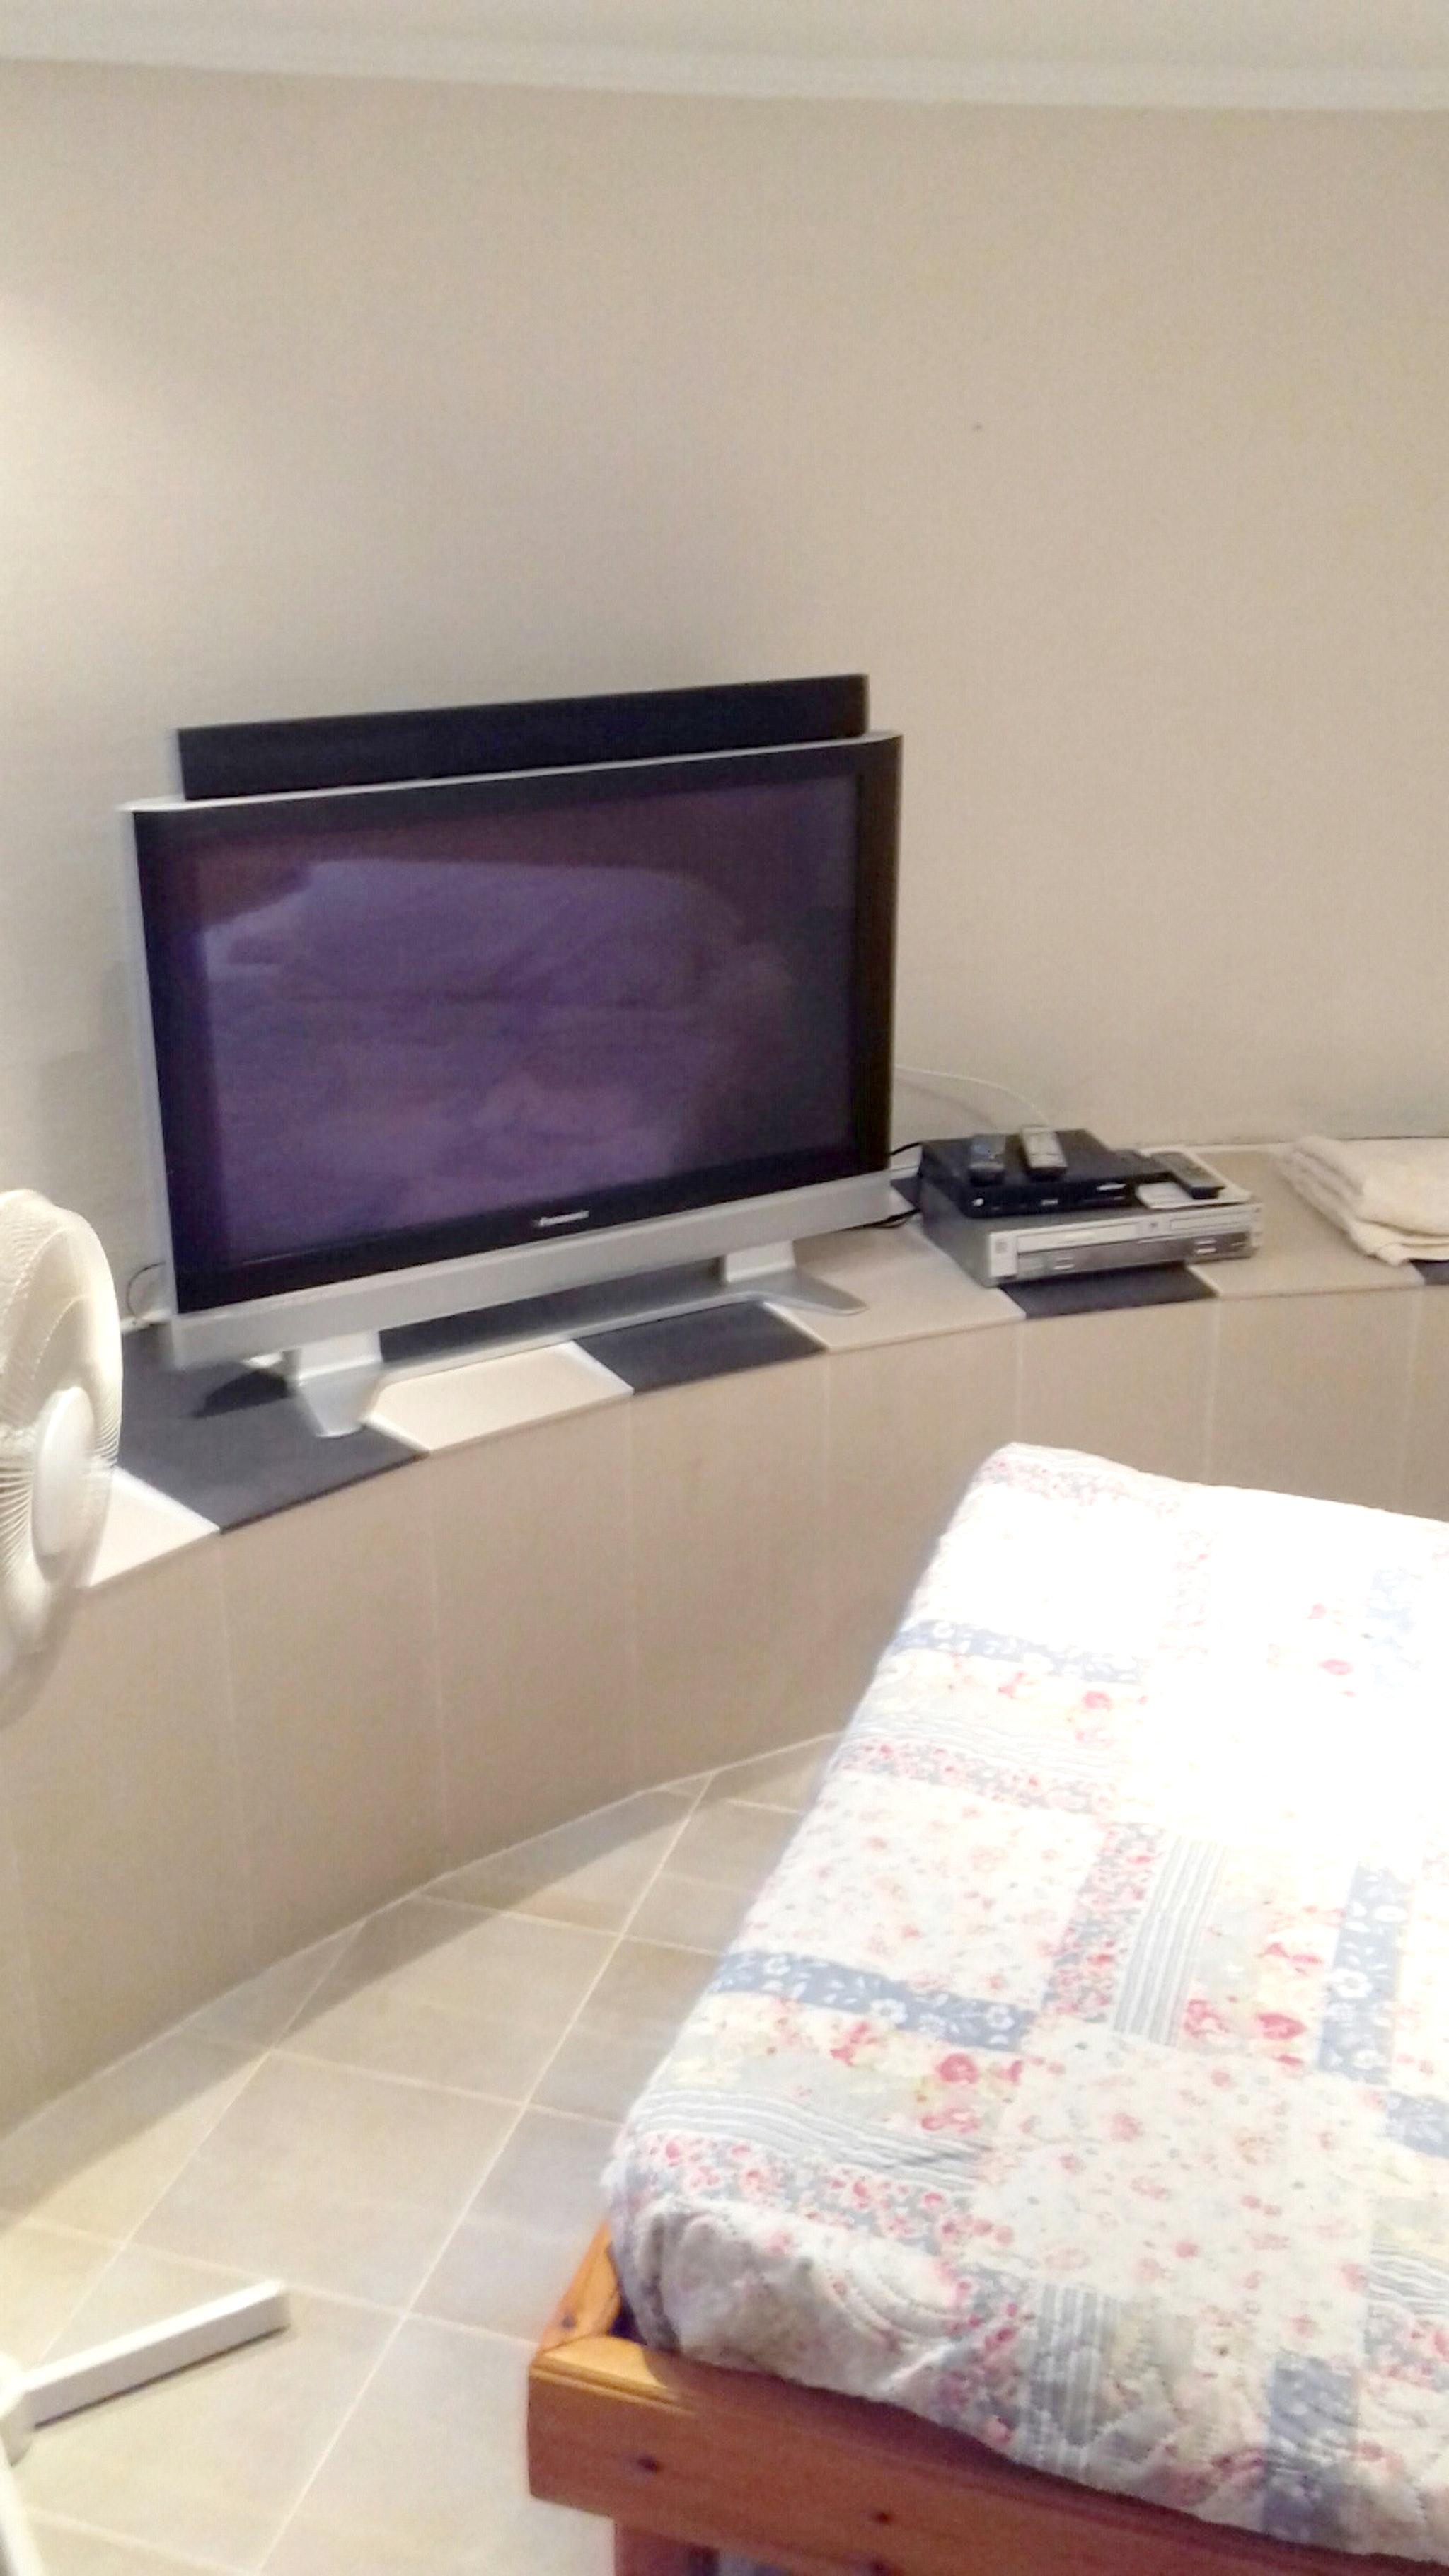 Maison de vacances Villa mit 2 Schlafzimmern in Mazarrón mit toller Aussicht auf die Berge, privatem Pool, ei (2632538), Mazarron, Costa Calida, Murcie, Espagne, image 19